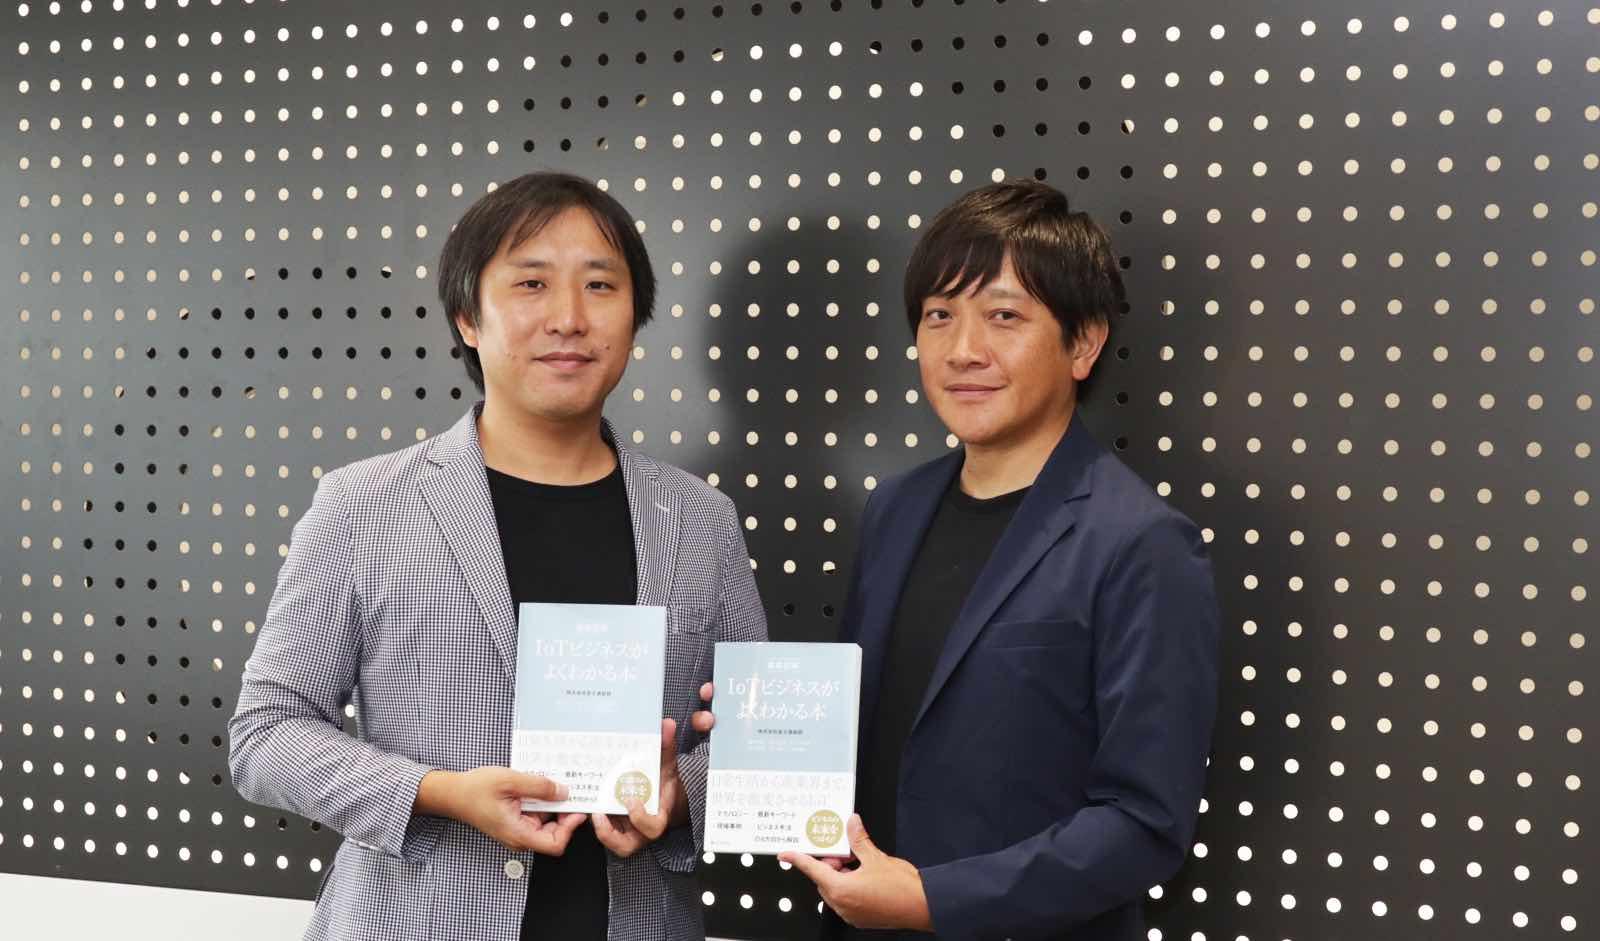 書籍「徹底図解 IoTビジネスがよくわかる本」を手にする富士通総研 佐々木 哲也氏(左)、菊本 徹氏(右)